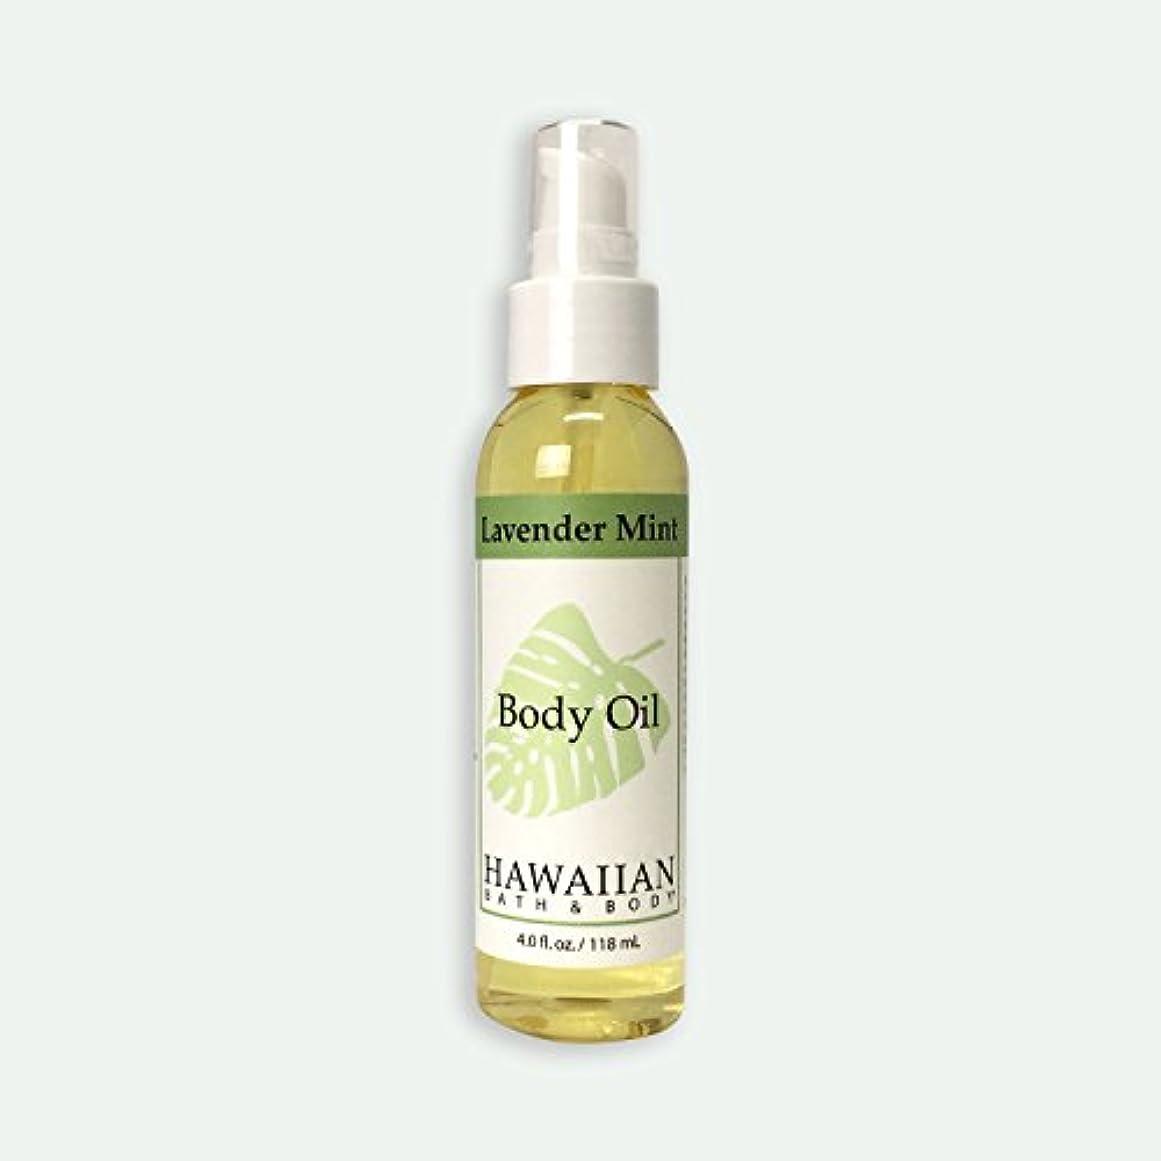 の前で根絶する構想するハワイアンバス&ボディ ラベンダーミント?ボディオイル 118ml Lavender Mint Body Oil